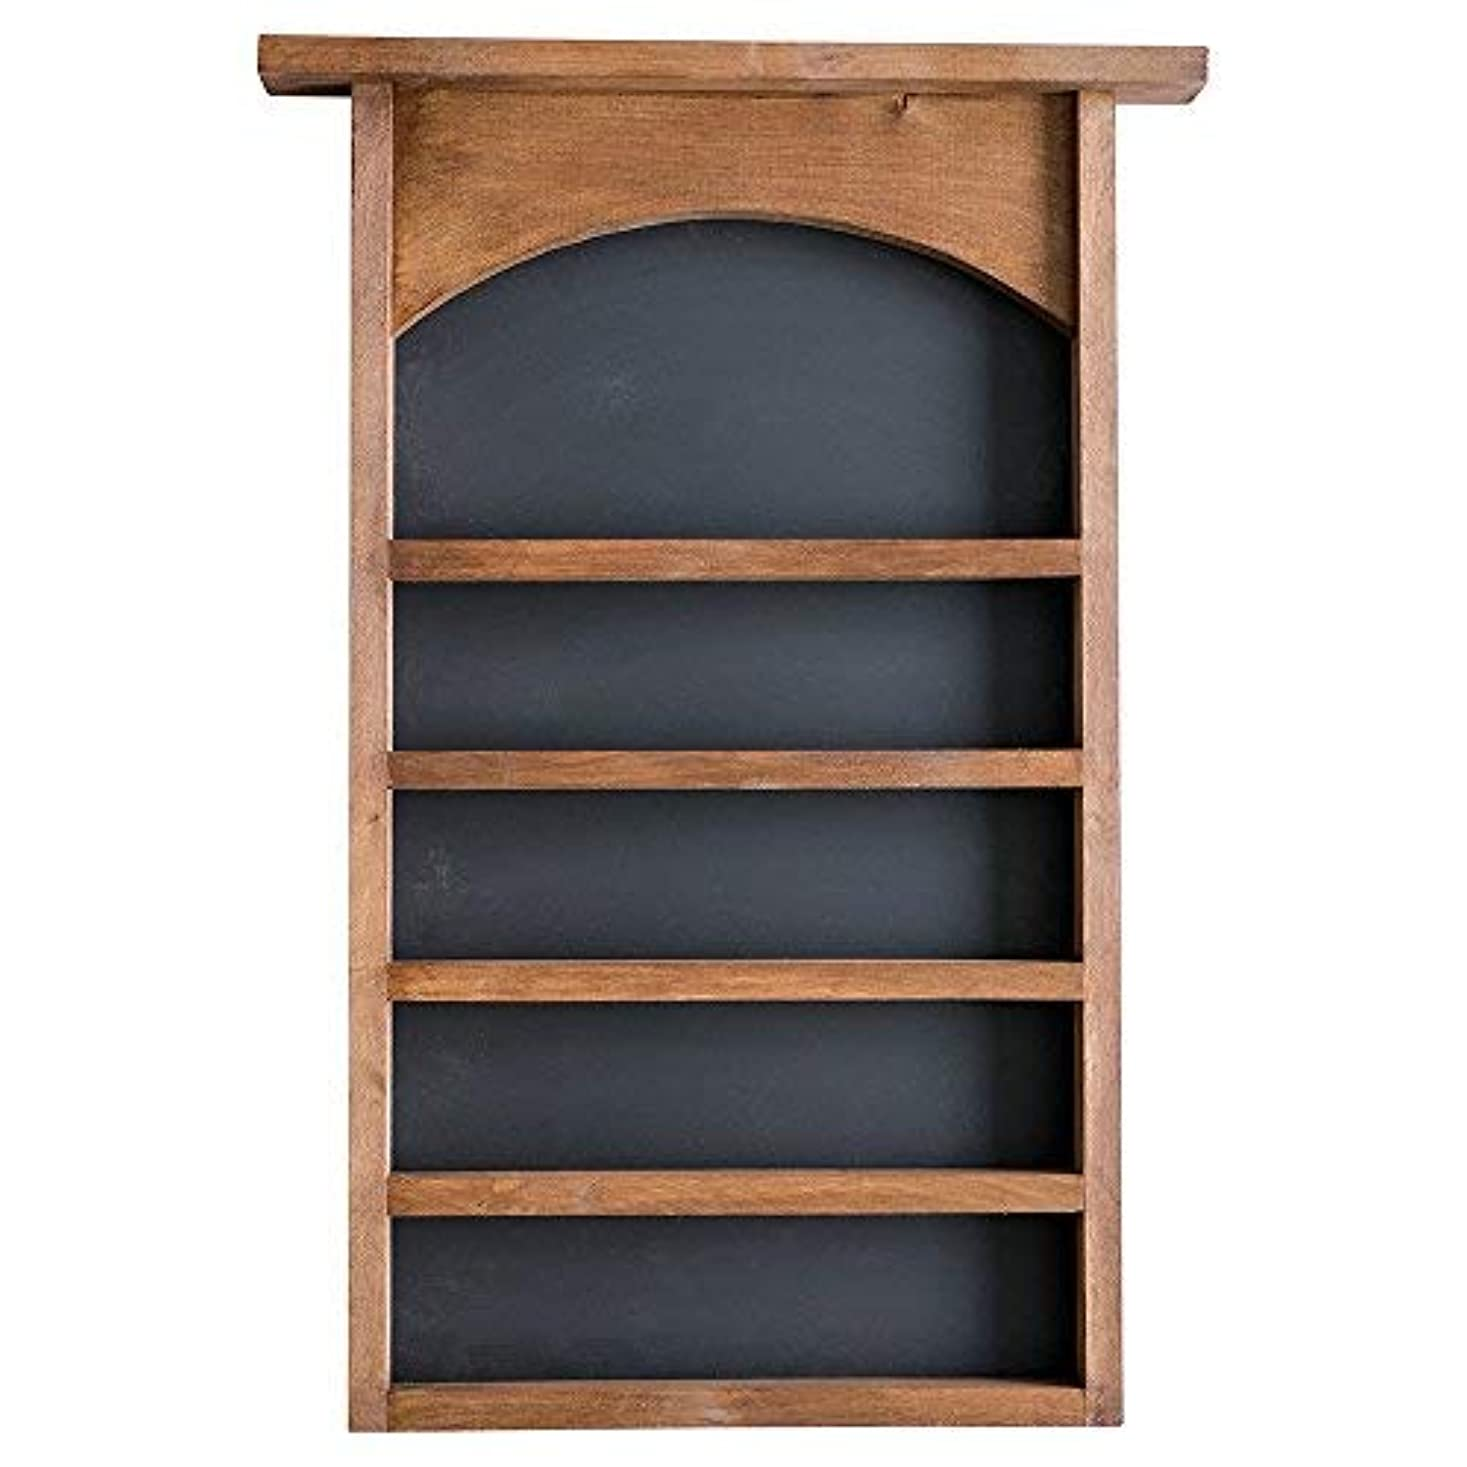 愛撫アレンジ遊び場Essential Oil表示シェルフと黒板Back |ソリッド木製|壁マウント| Modernファームハウス装飾| 30 x 18.5インチ